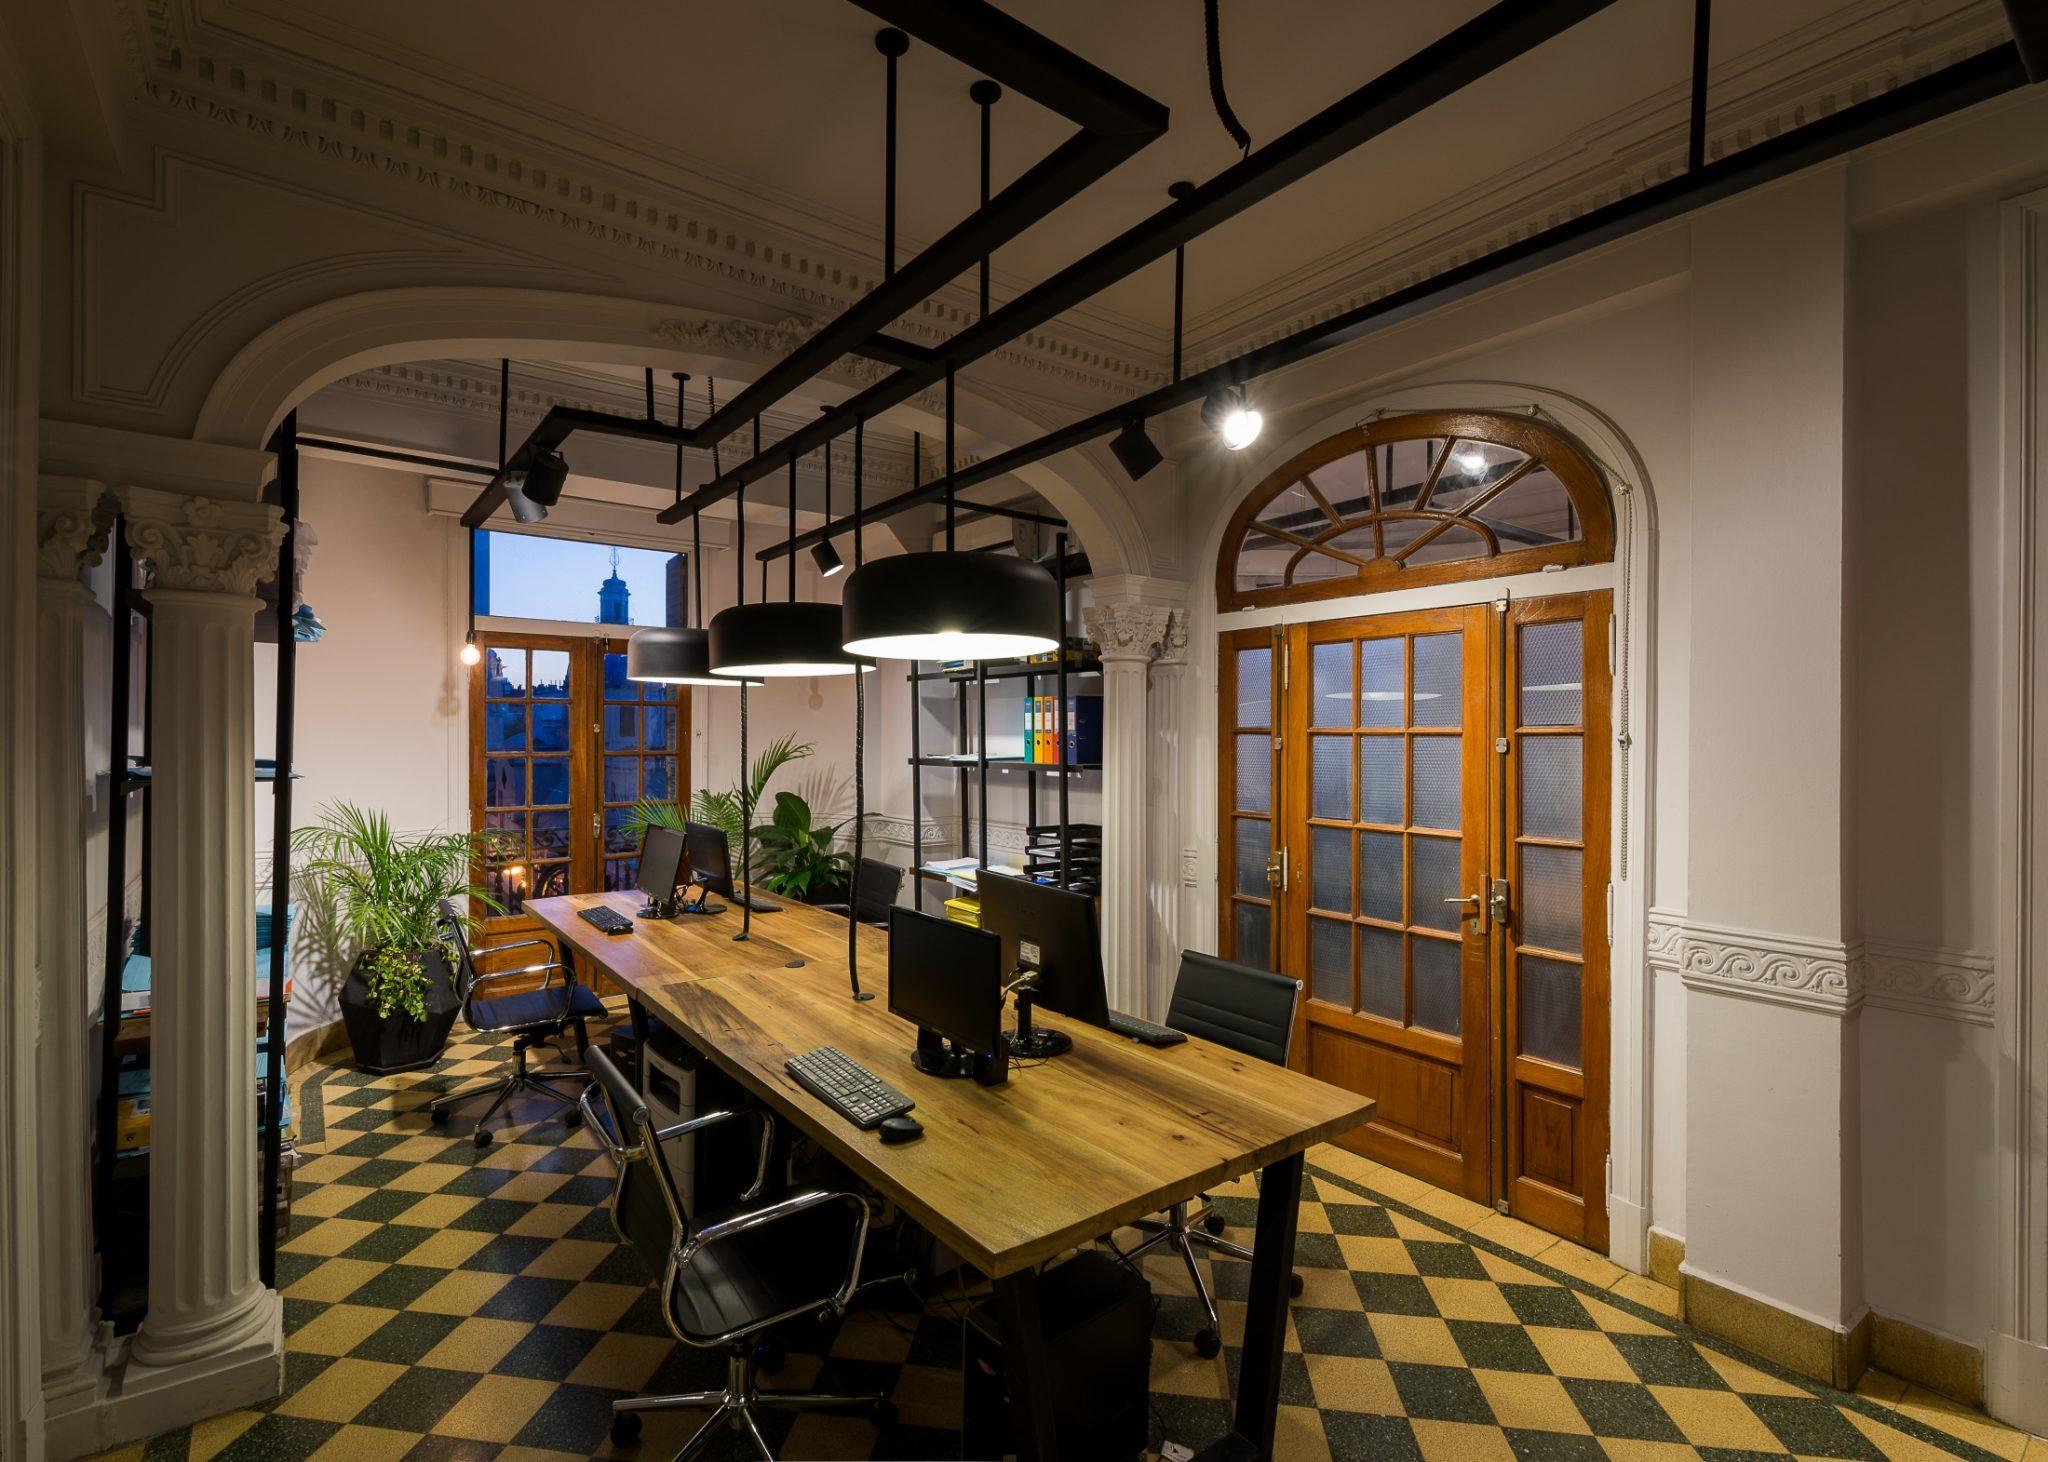 Oficina ESIMEX S.R.L. 32